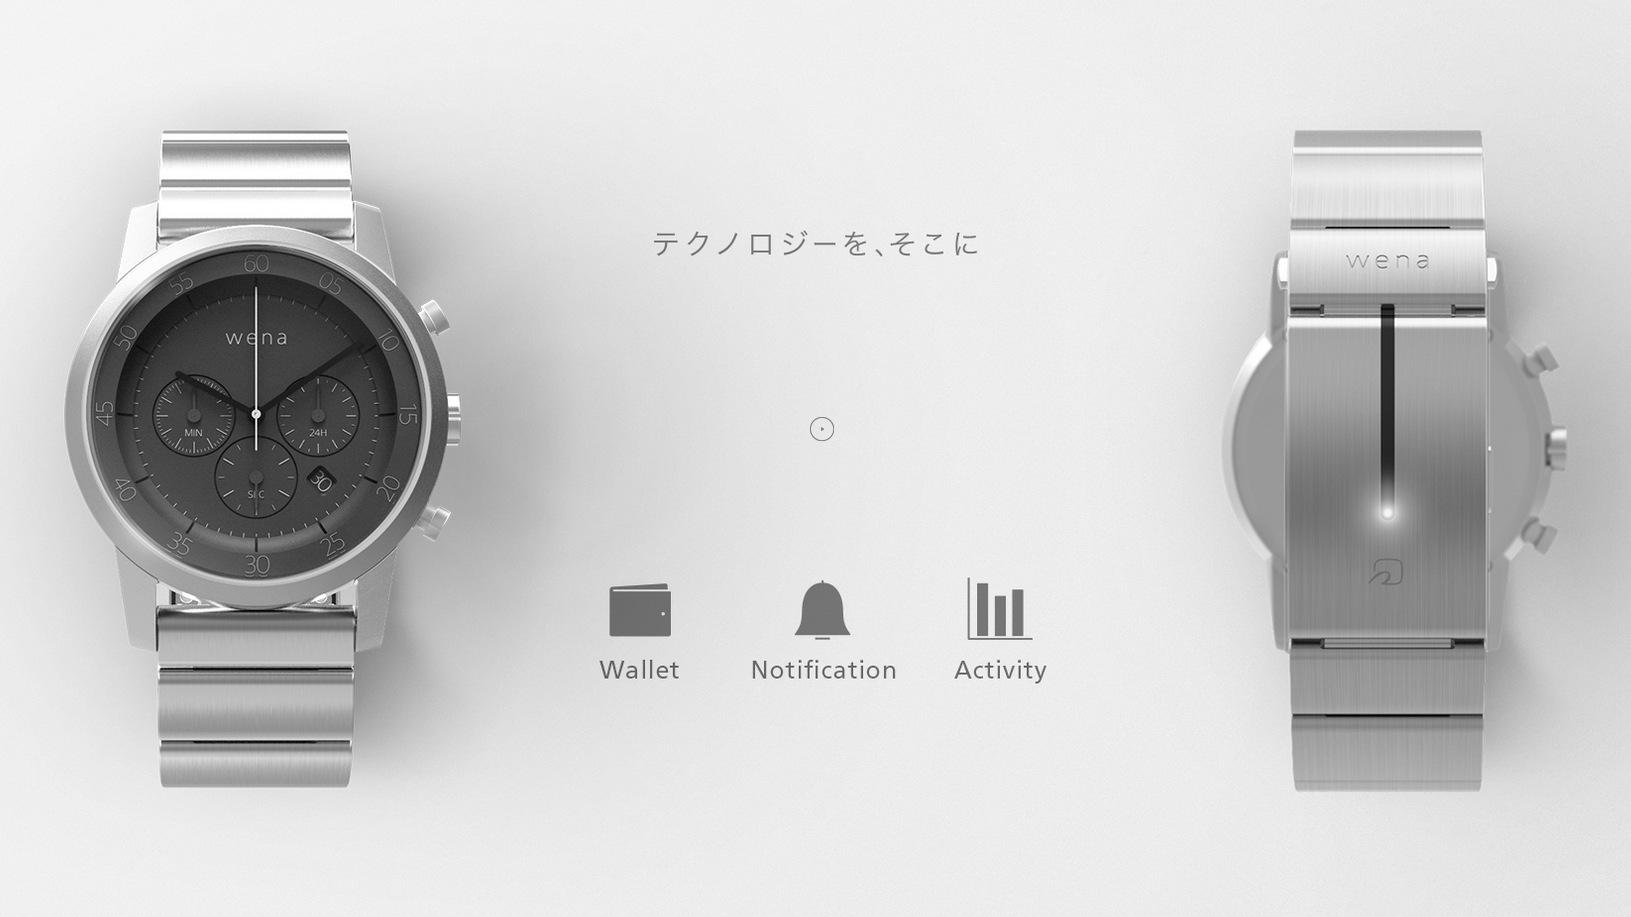 Sony smartwatch Wena (6)